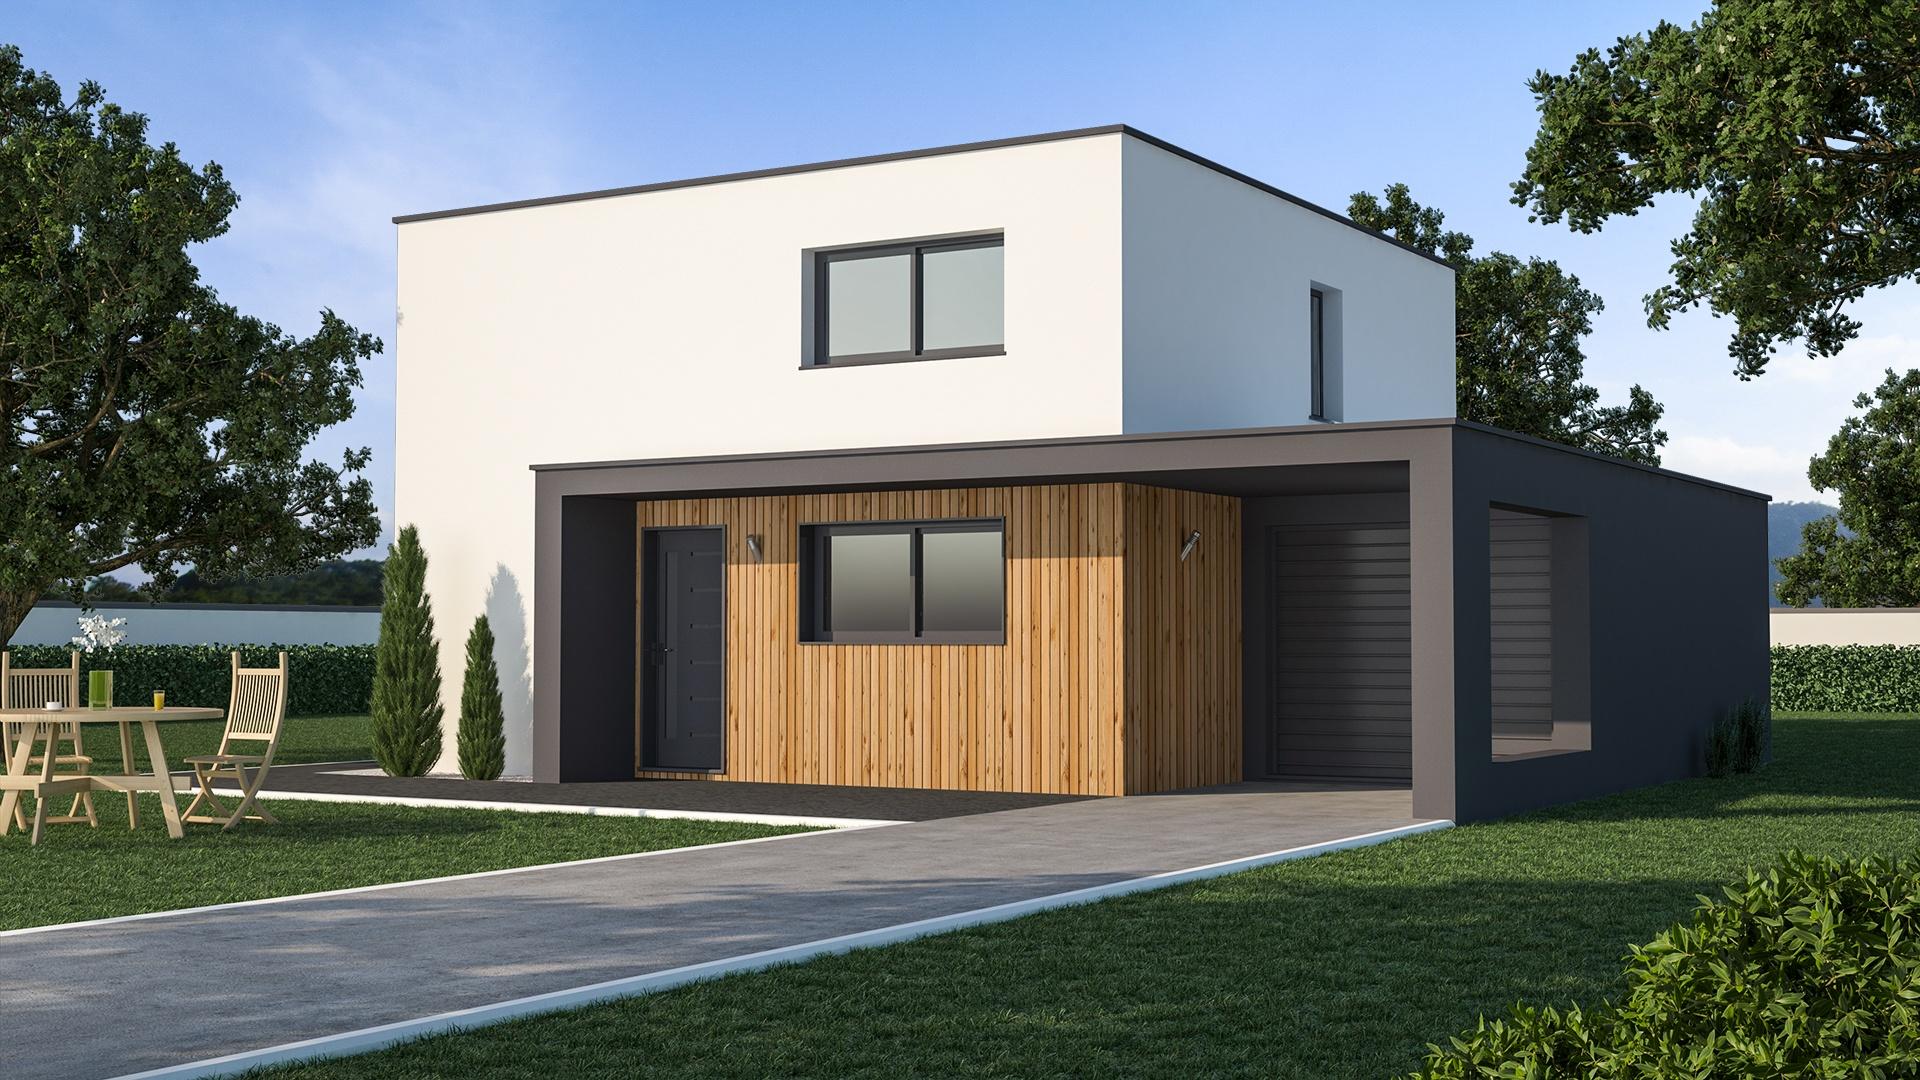 Maison contemporaine bardage bois| Maison de style Contemporain - Maisons de l'Avenir